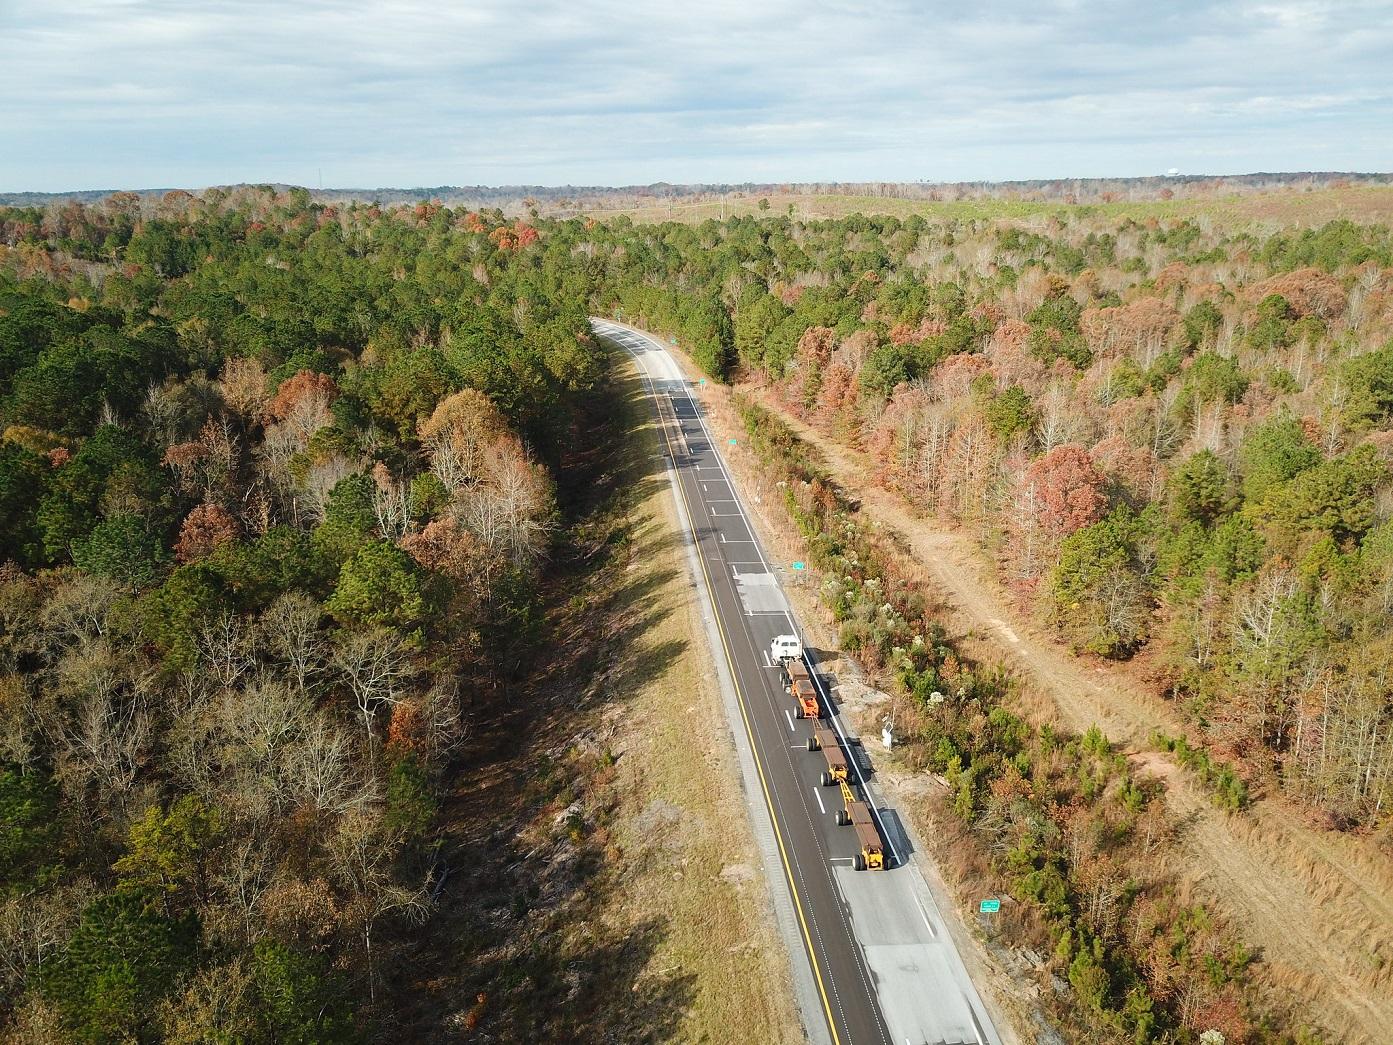 test track at Auburn University's National Center for Asphalt Technology